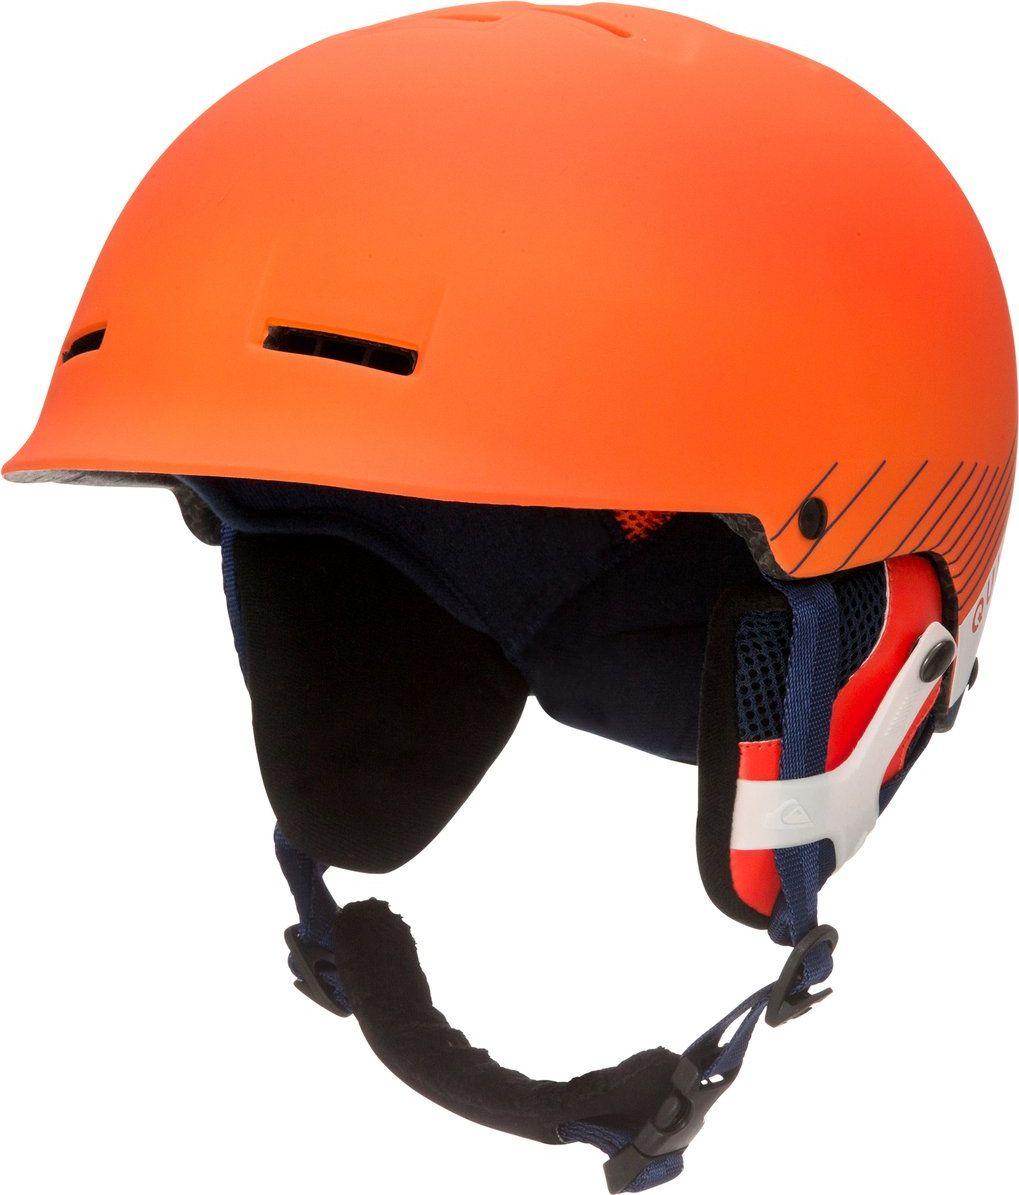 Сноубордический шлем Quiksilver Fusion, цвет: оранжевый. Размер 54/56EQYTL03019-NMS0Основной материал шлема Quiksilver Fusion: двойной микрошелл + сверхлегкая литая конструкция.Безопасность: ударопоглощающий пенный полимер EPS.Фронтальная и верхняя вентиляция.Подкладка из сетки и флиса.Мягкие термоформованные съемные накладки на уши.Стреп на подбородок: выполнен из мягкой шерпыВес: 350 г. Что взять с собой на горнолыжную прогулку: рассказывают эксперты. Статья OZON Гид